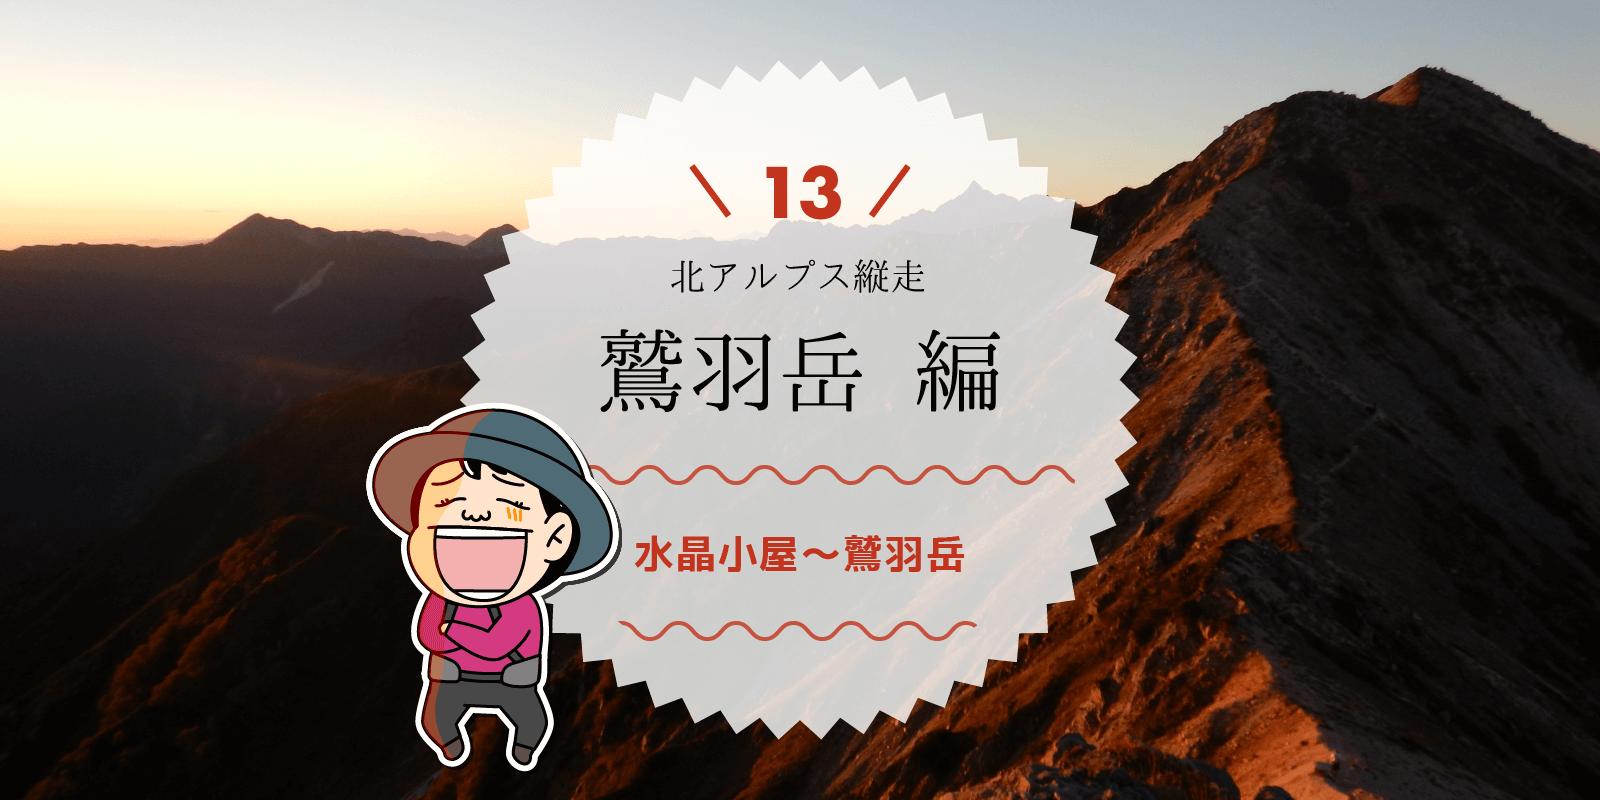 鷲羽岳レポタイトル画面